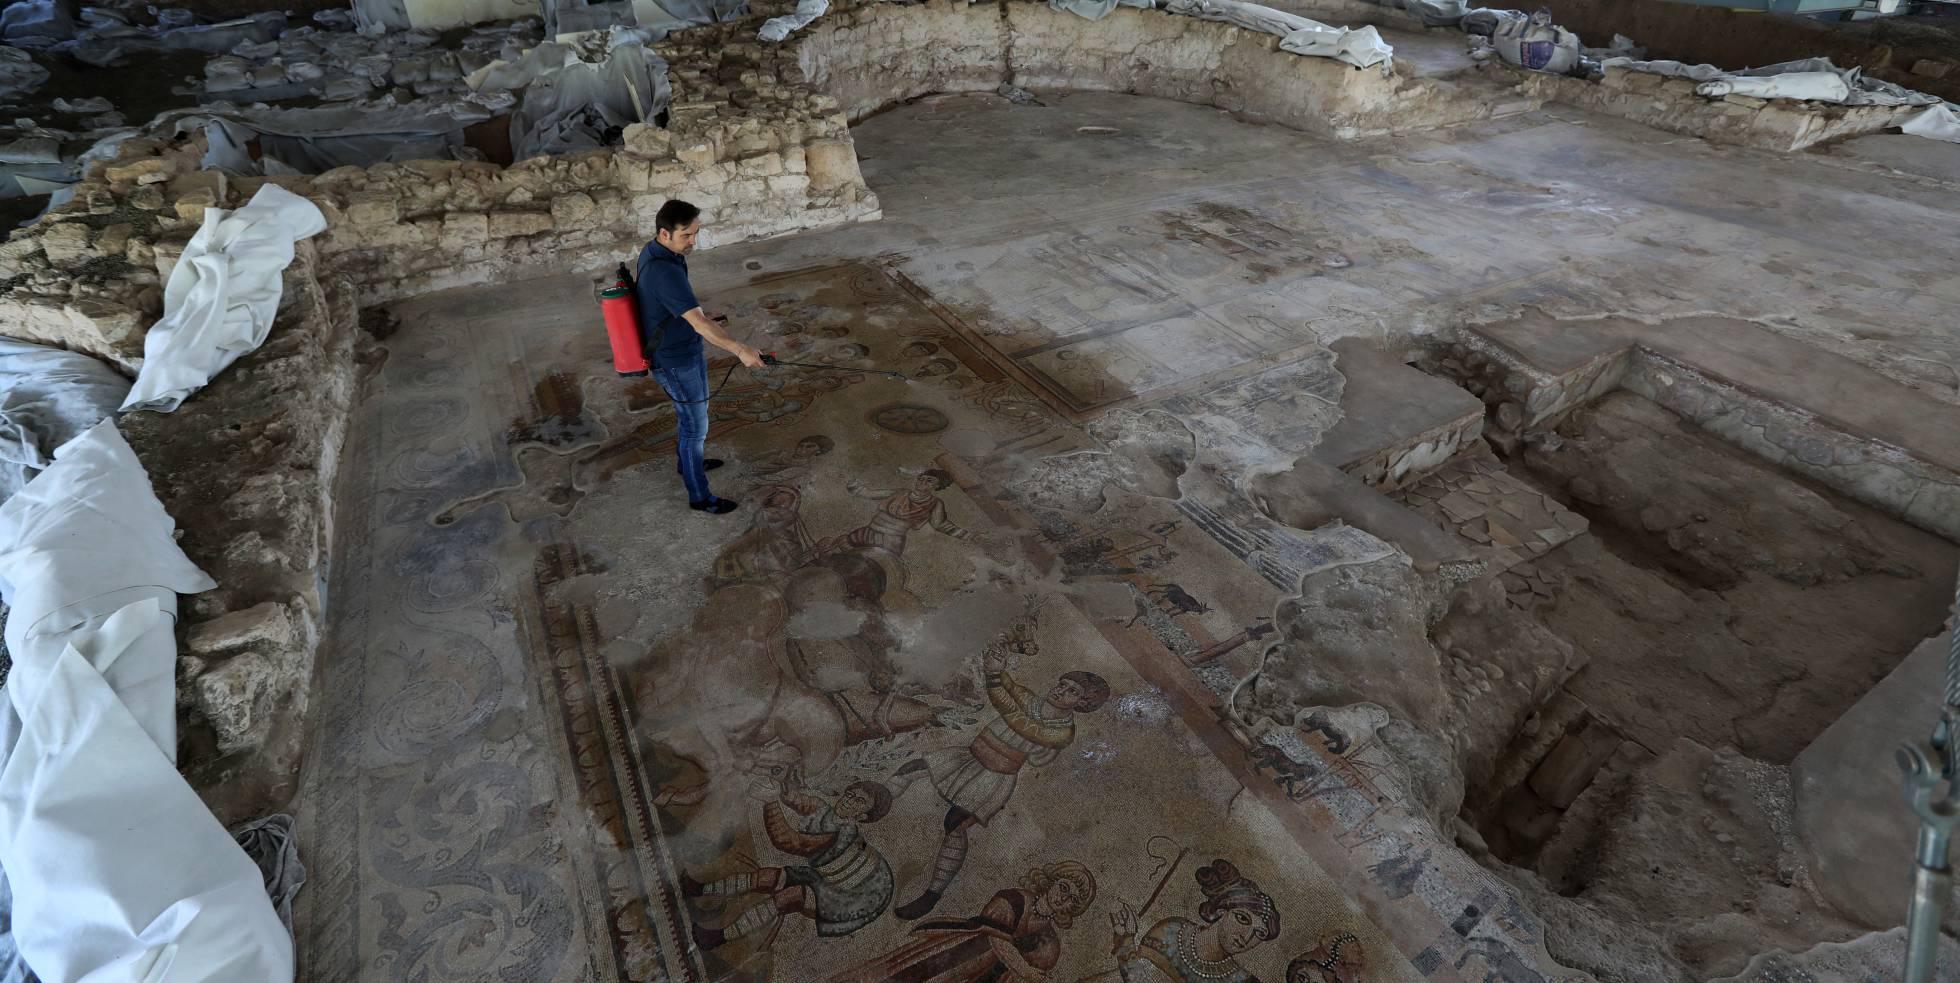 MOSAICO DE NOHEDA (CUENCA) uno de los mayores mosaicos figurativos conocidos del imperio romano